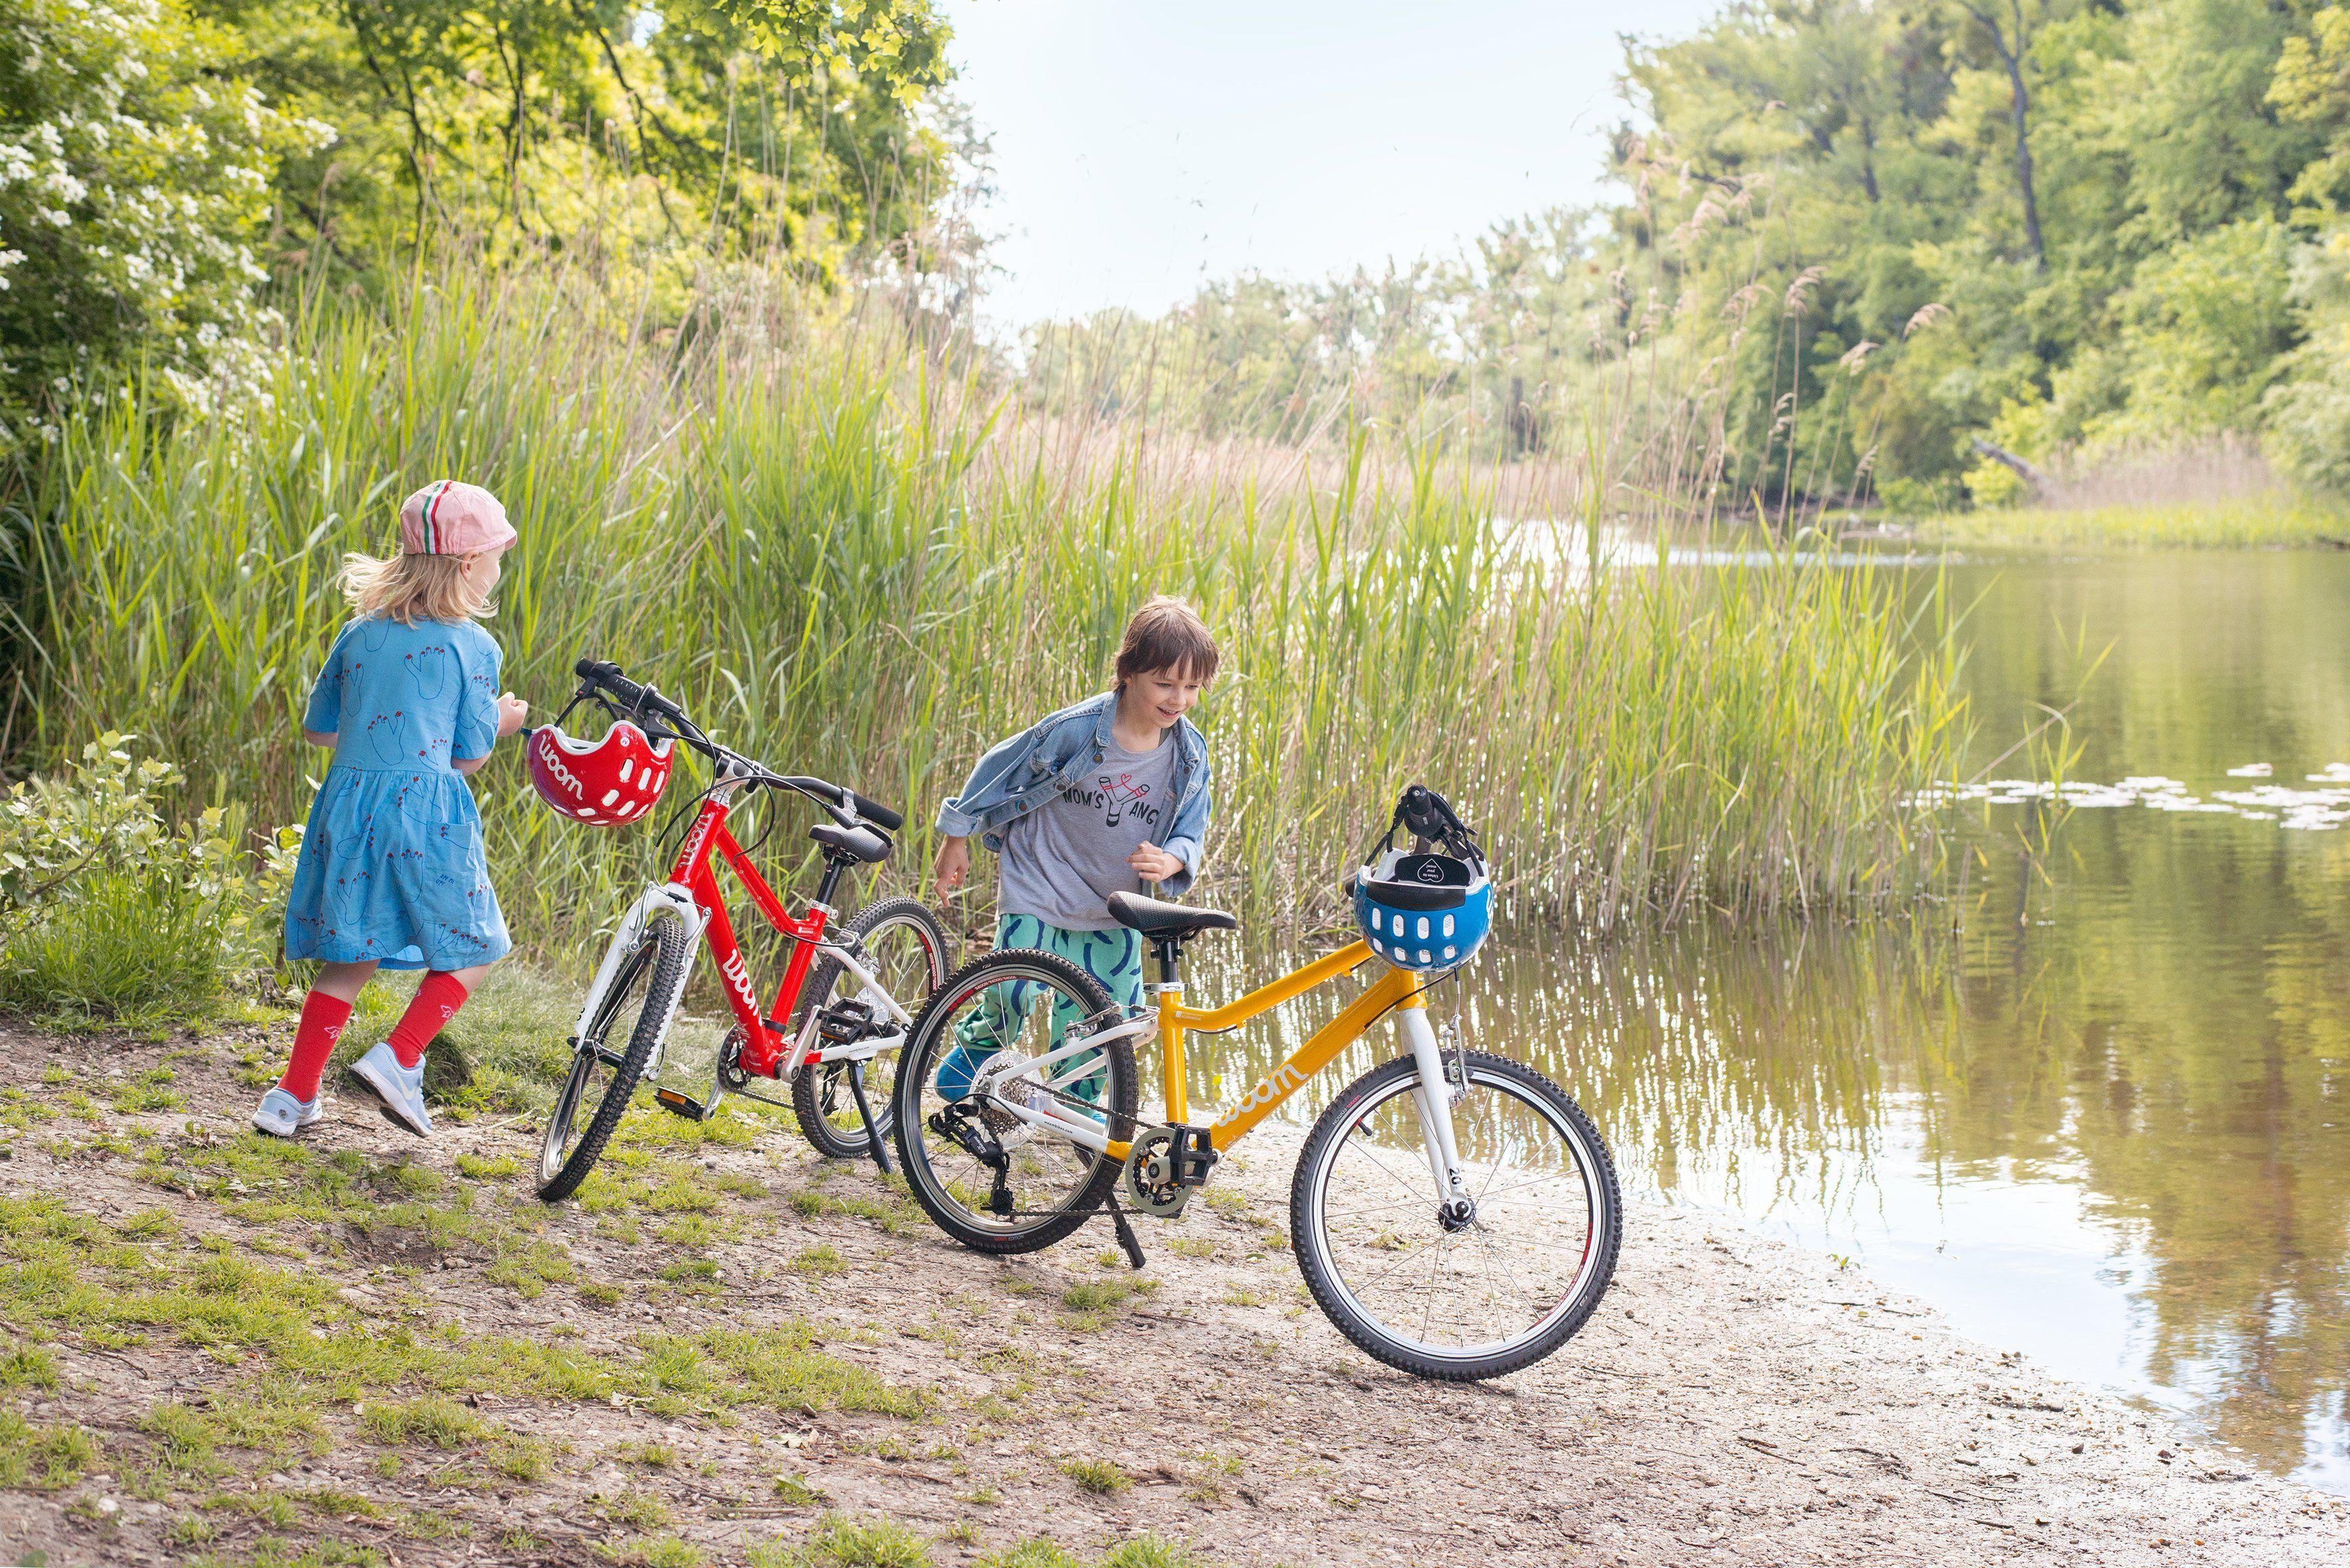 Wer Fruher Radelt Bleibt Langer Fit In 2020 Kinder Fahrrad Kinderfahrrad Radeln